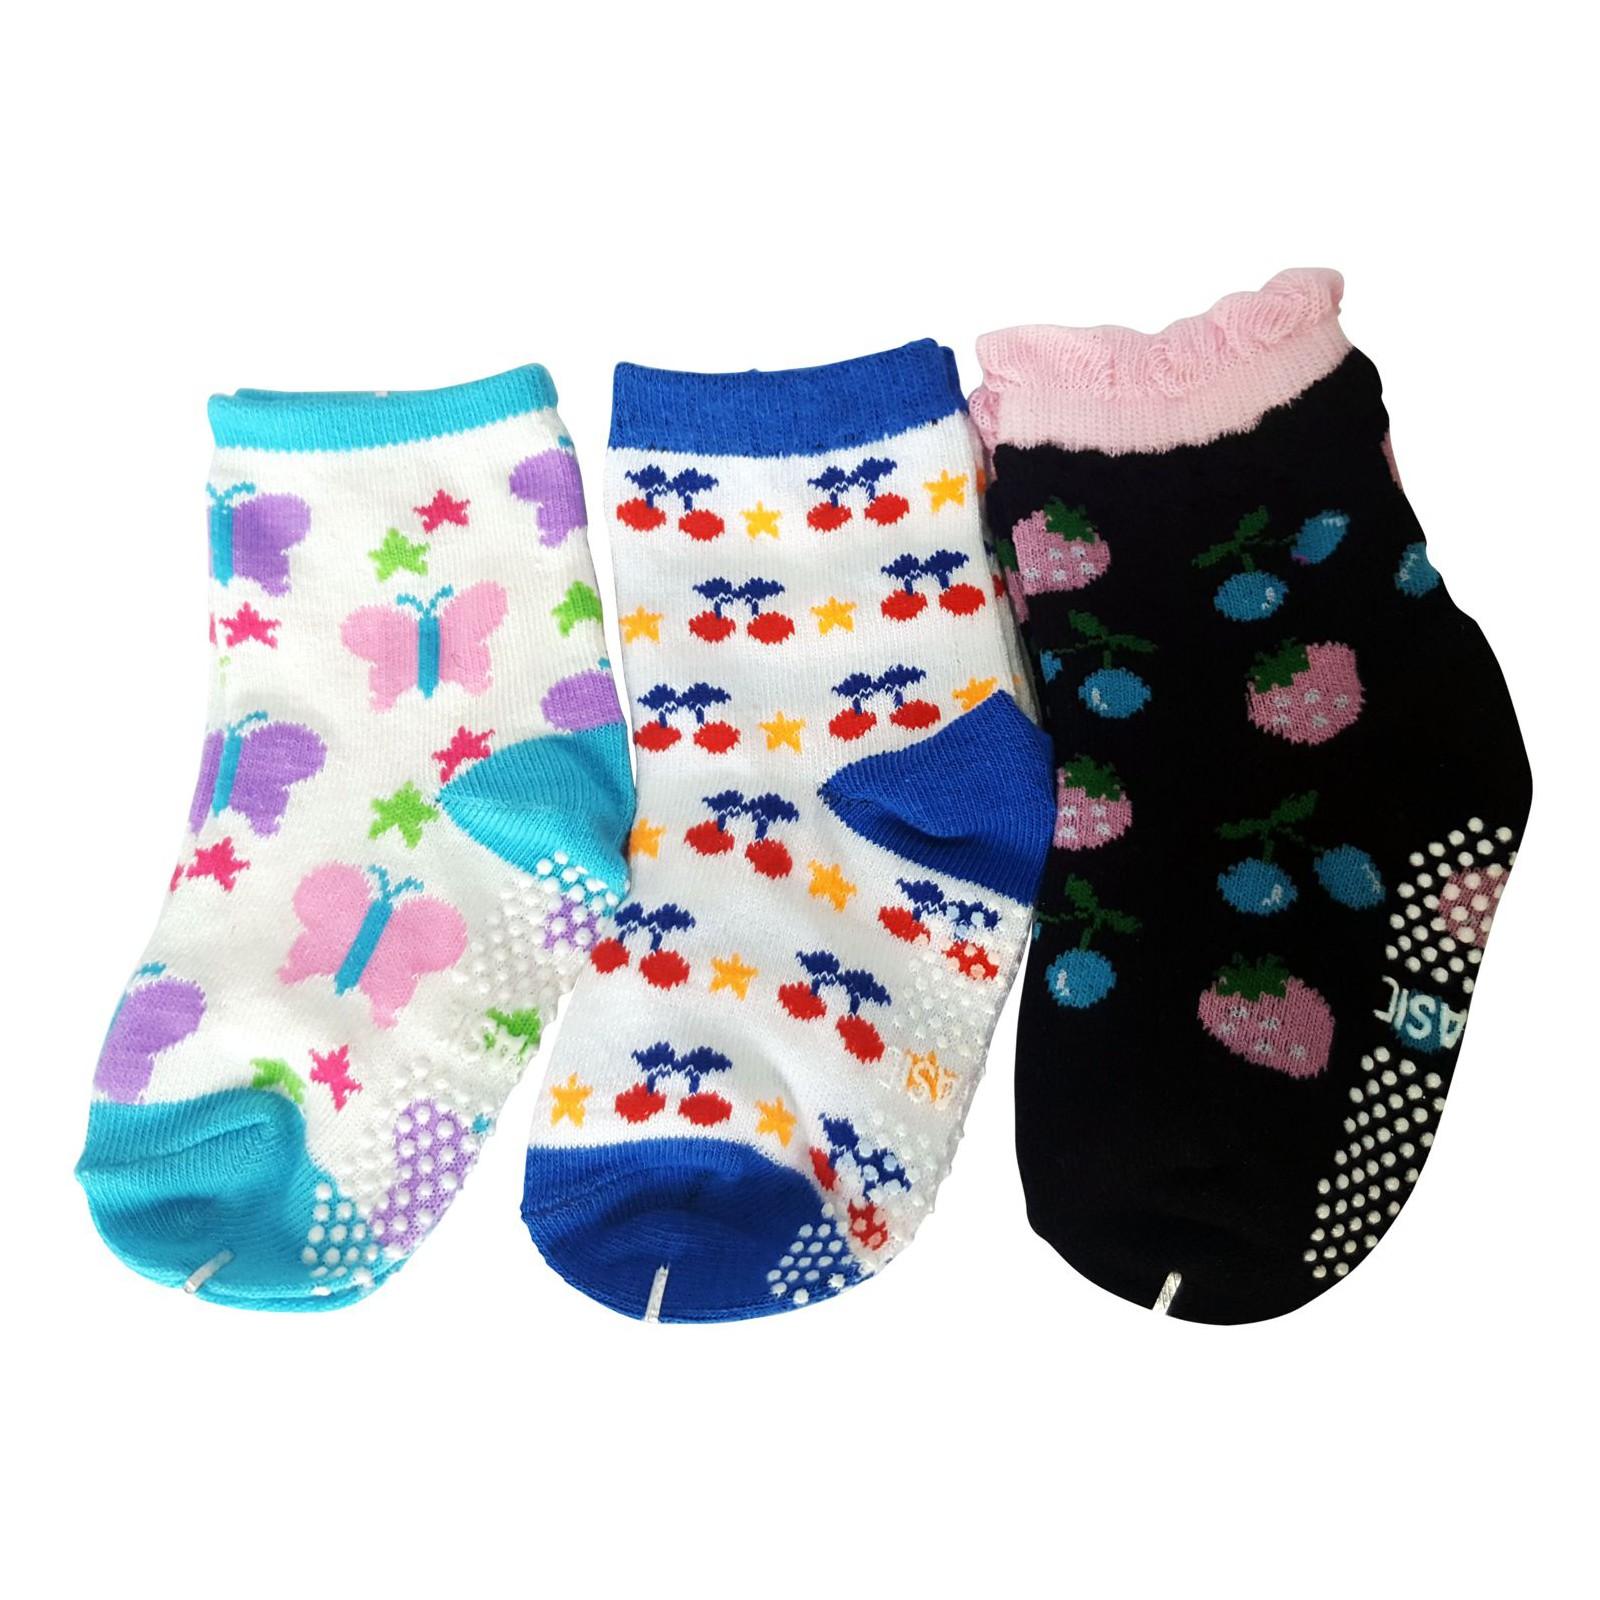 12 paires de chaussettes antid/érapantes pour b/éb/é de 12 /à 36 mois ou 3 /à 5 ans